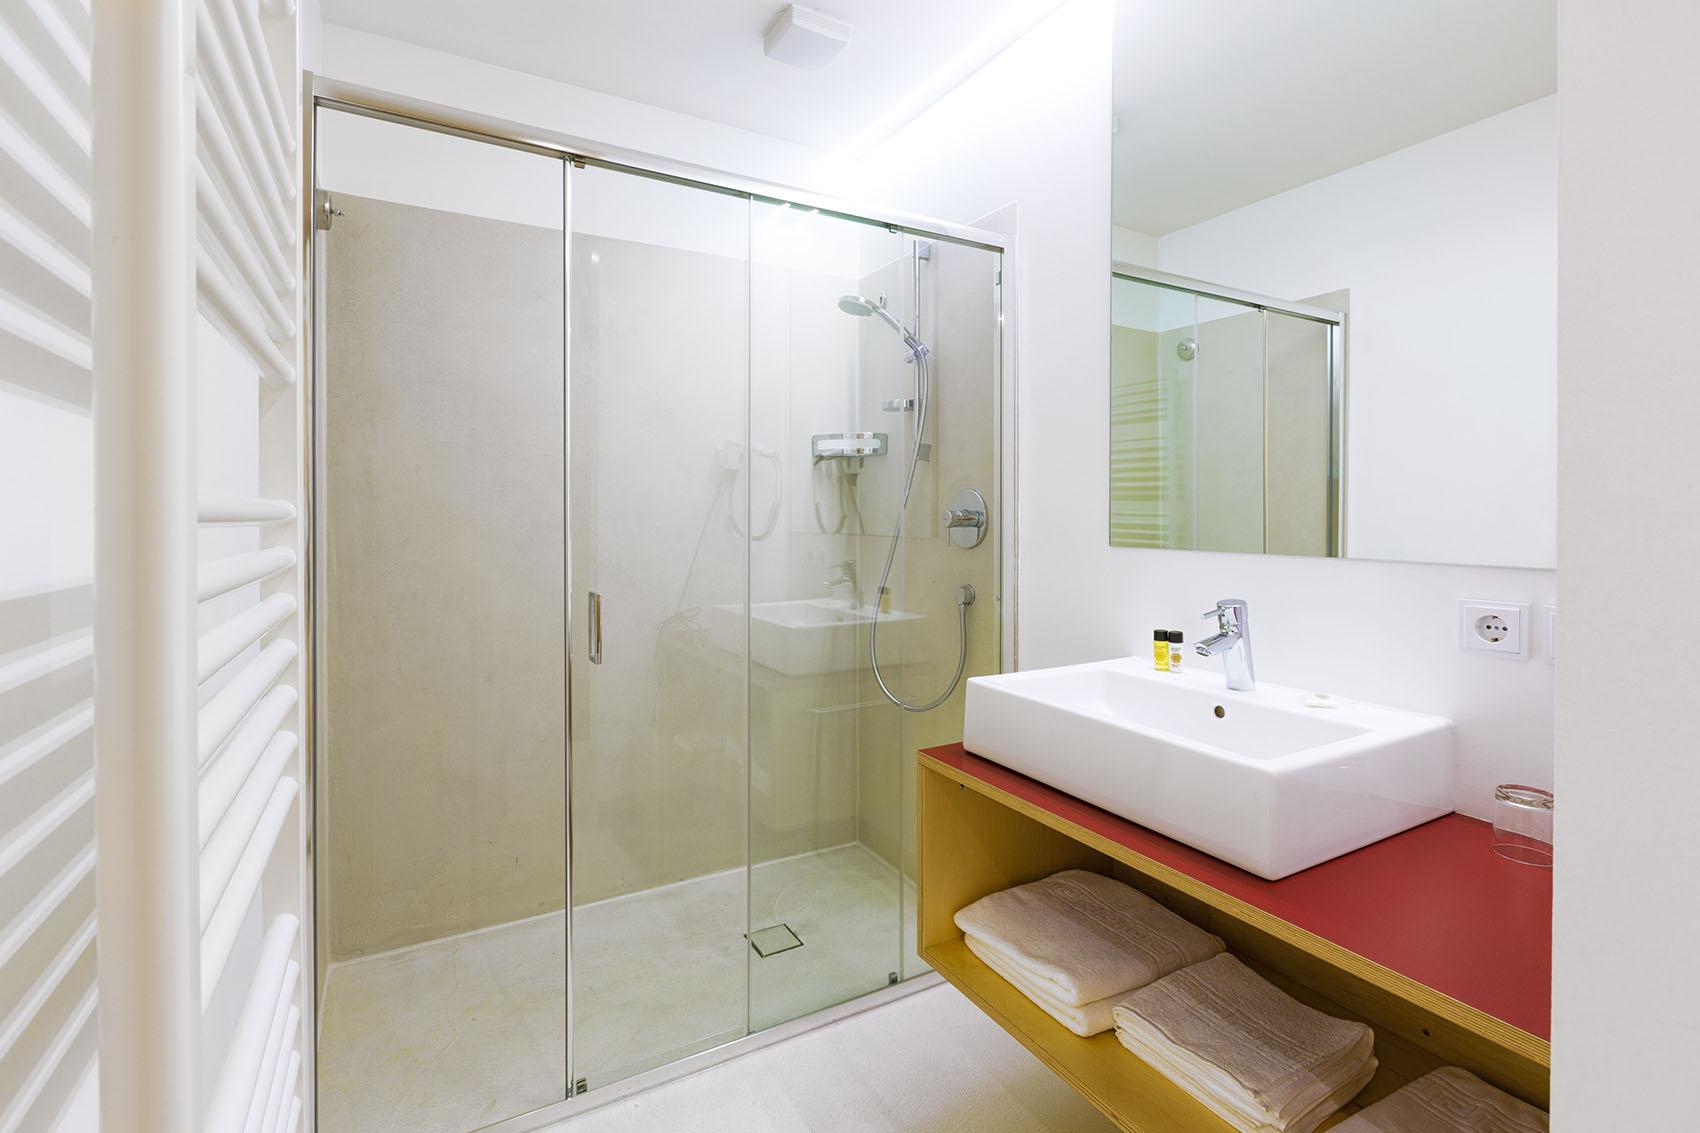 kreatives wohnen kreuzwirt in naturns kleinkunst hotel. Black Bedroom Furniture Sets. Home Design Ideas